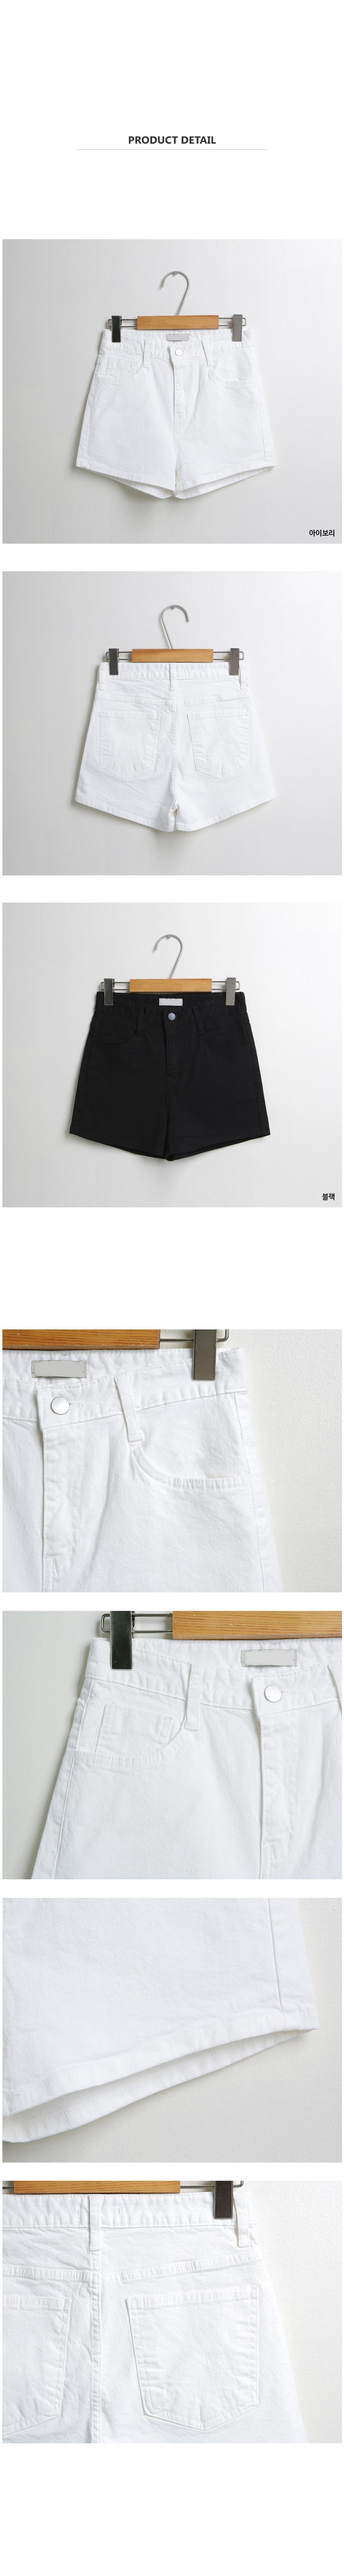 Slim short high short pants P#YW489